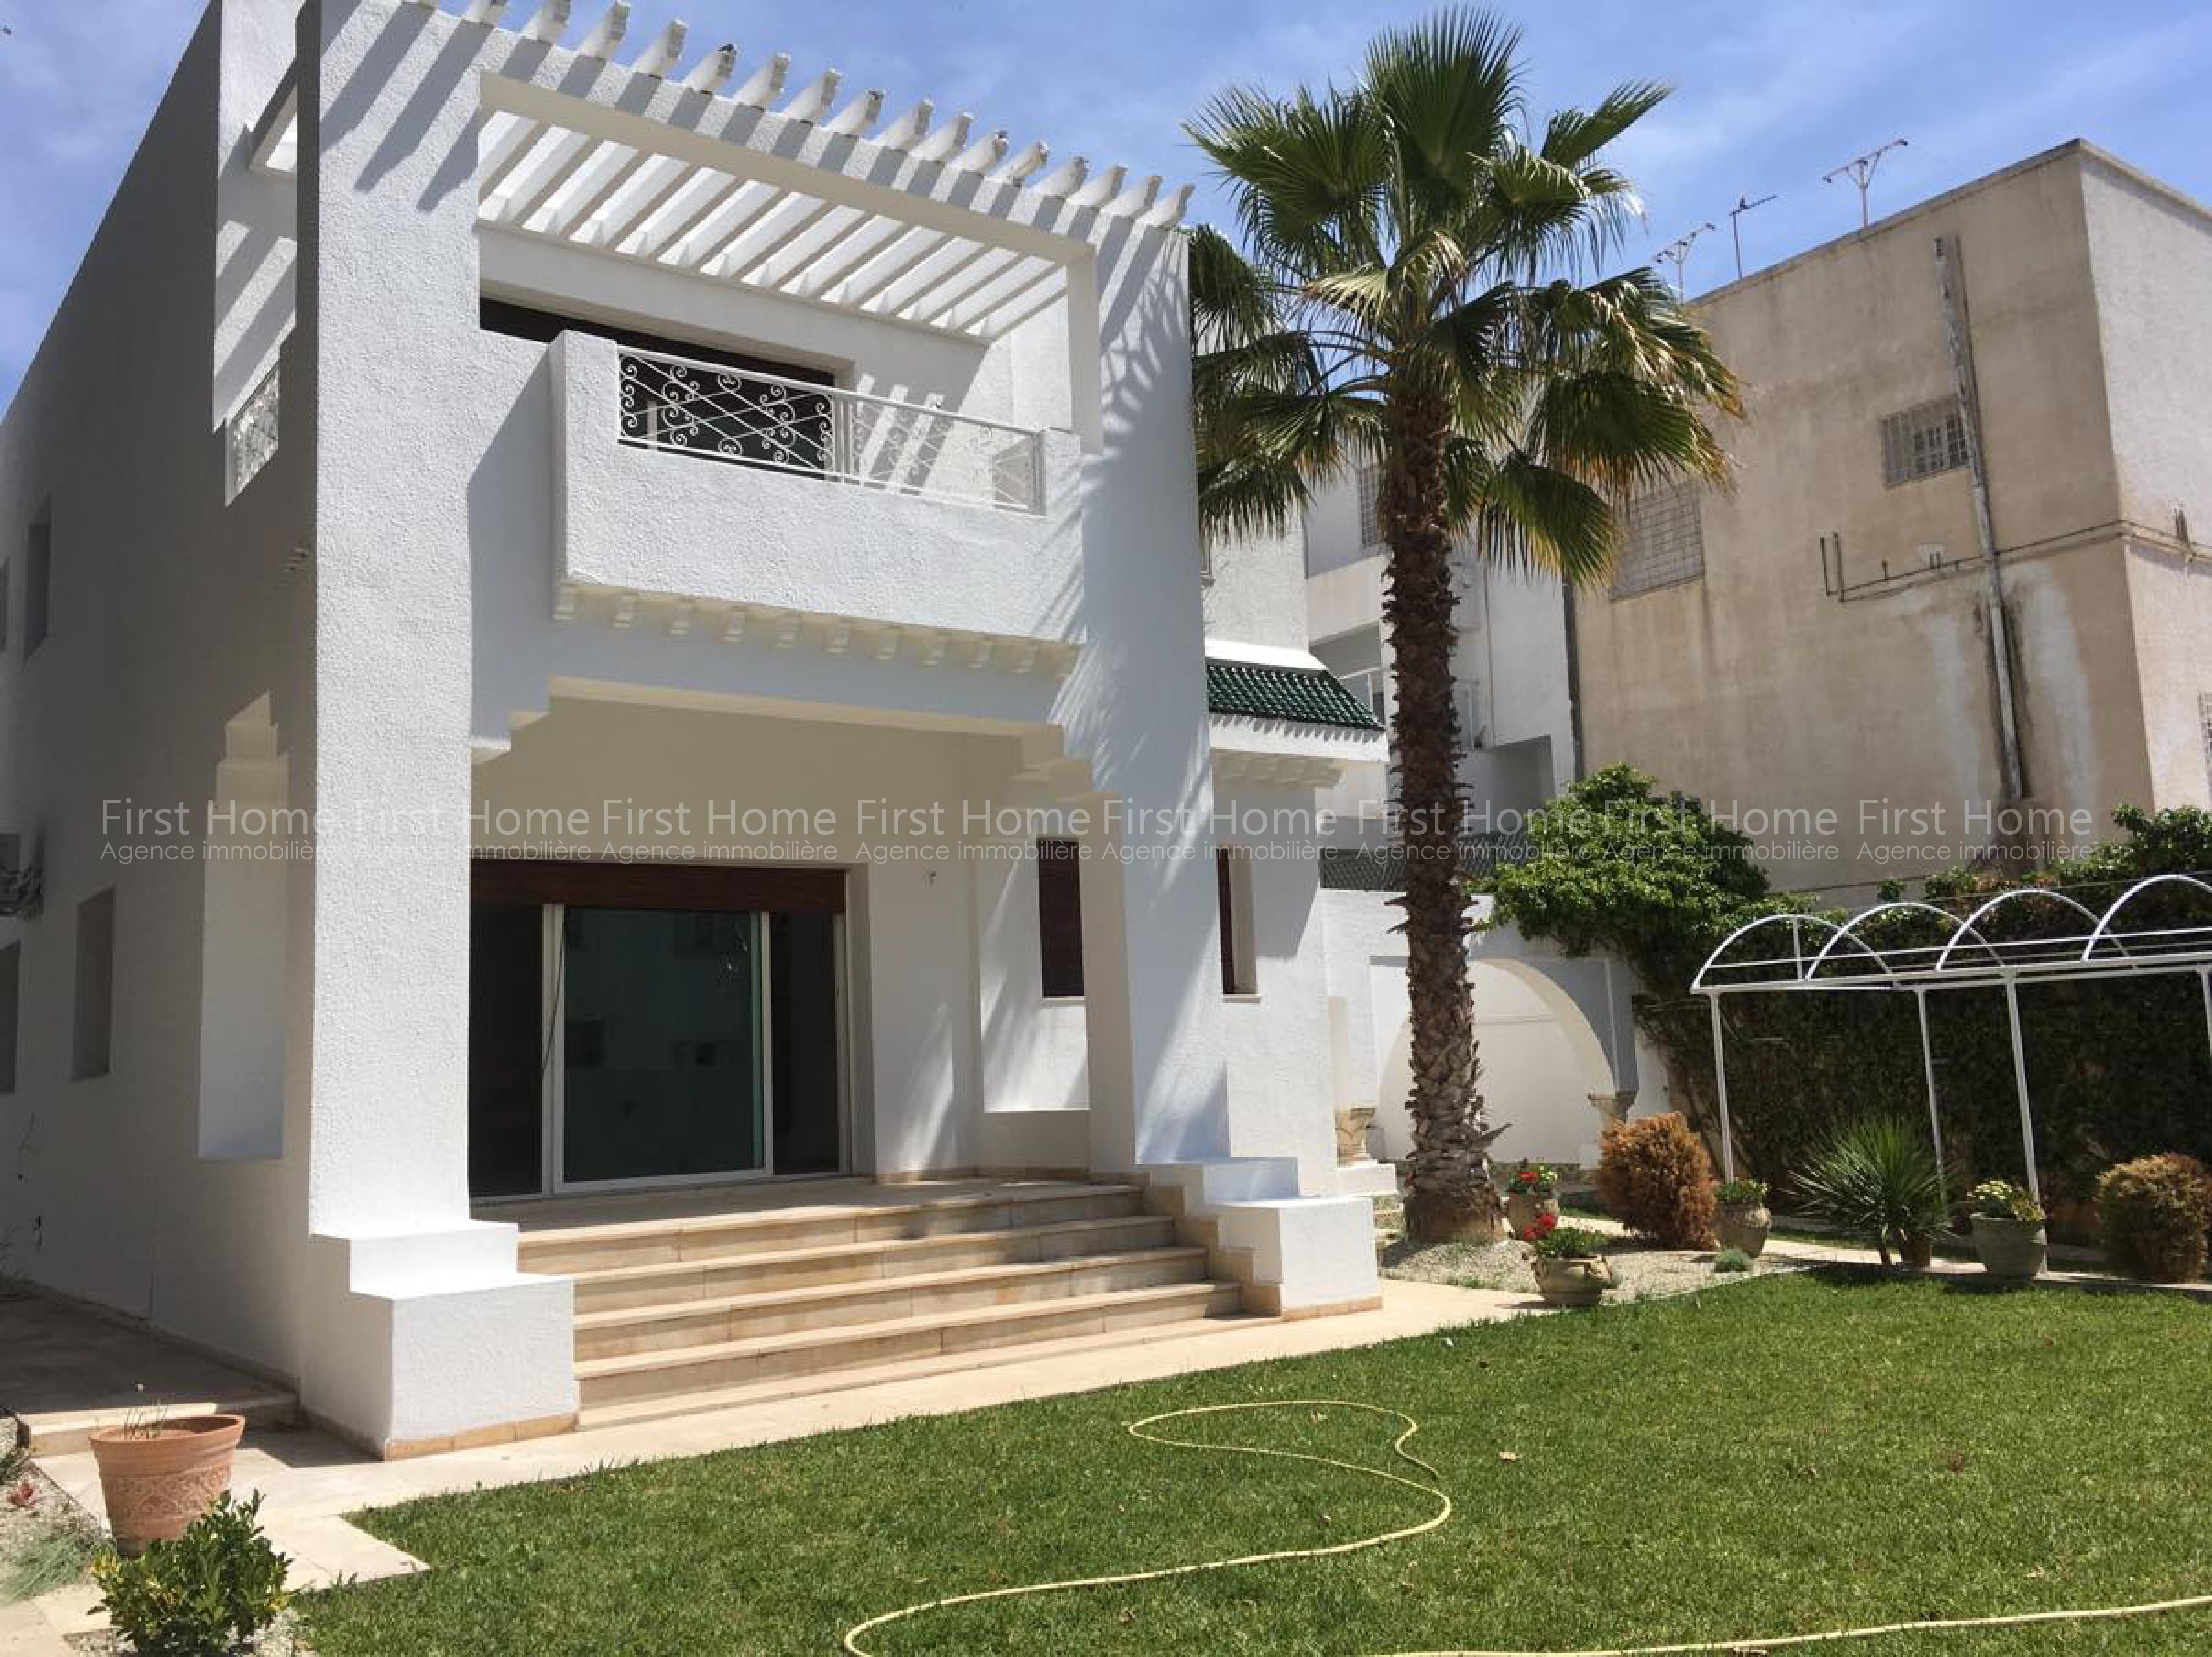 Magnifique Villa sise à Ennaser 1 est en location